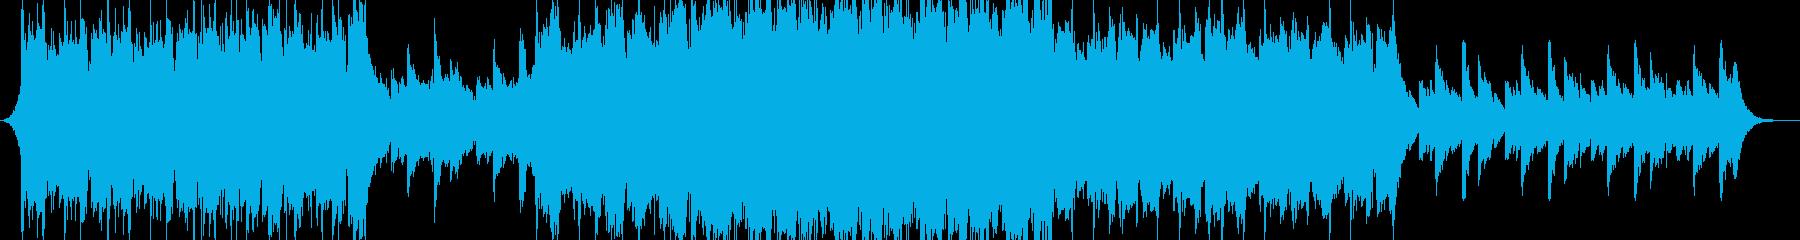 ピアノとストリングスなシネマティックの再生済みの波形